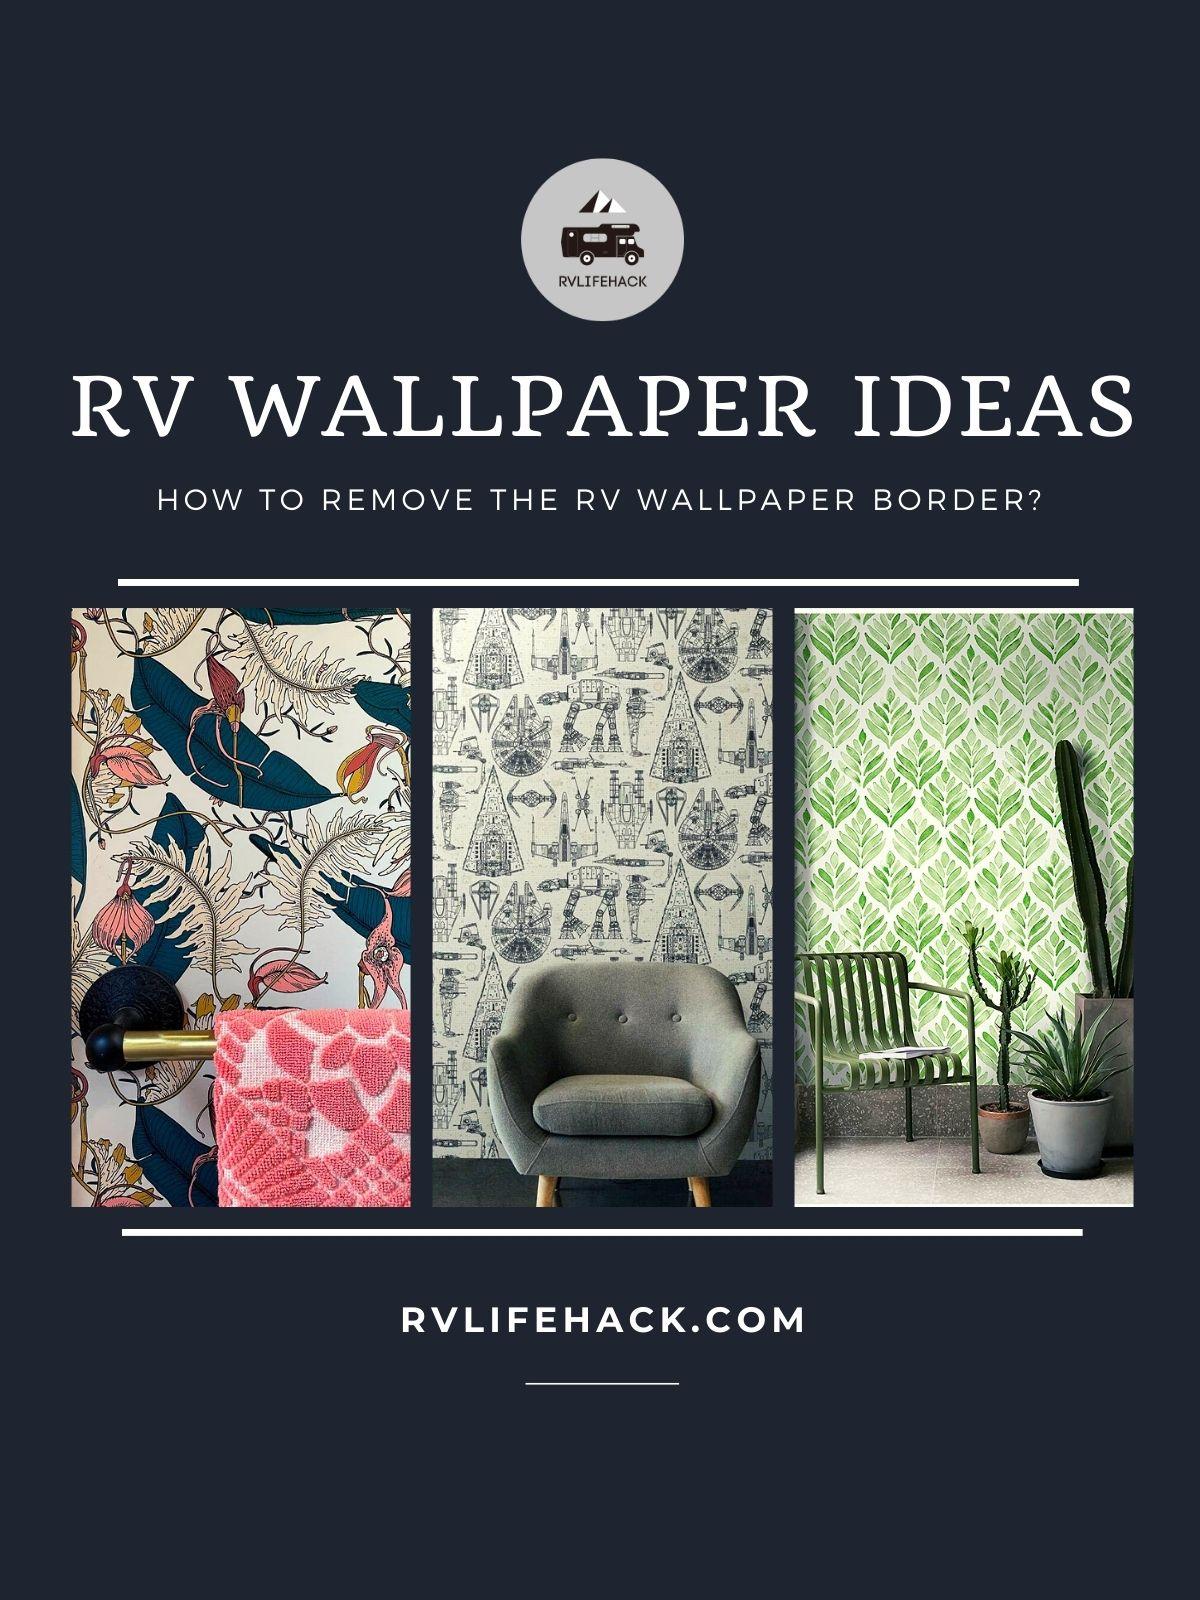 RV Wallpaper Ideas | How to remove the RV wallpaper border?